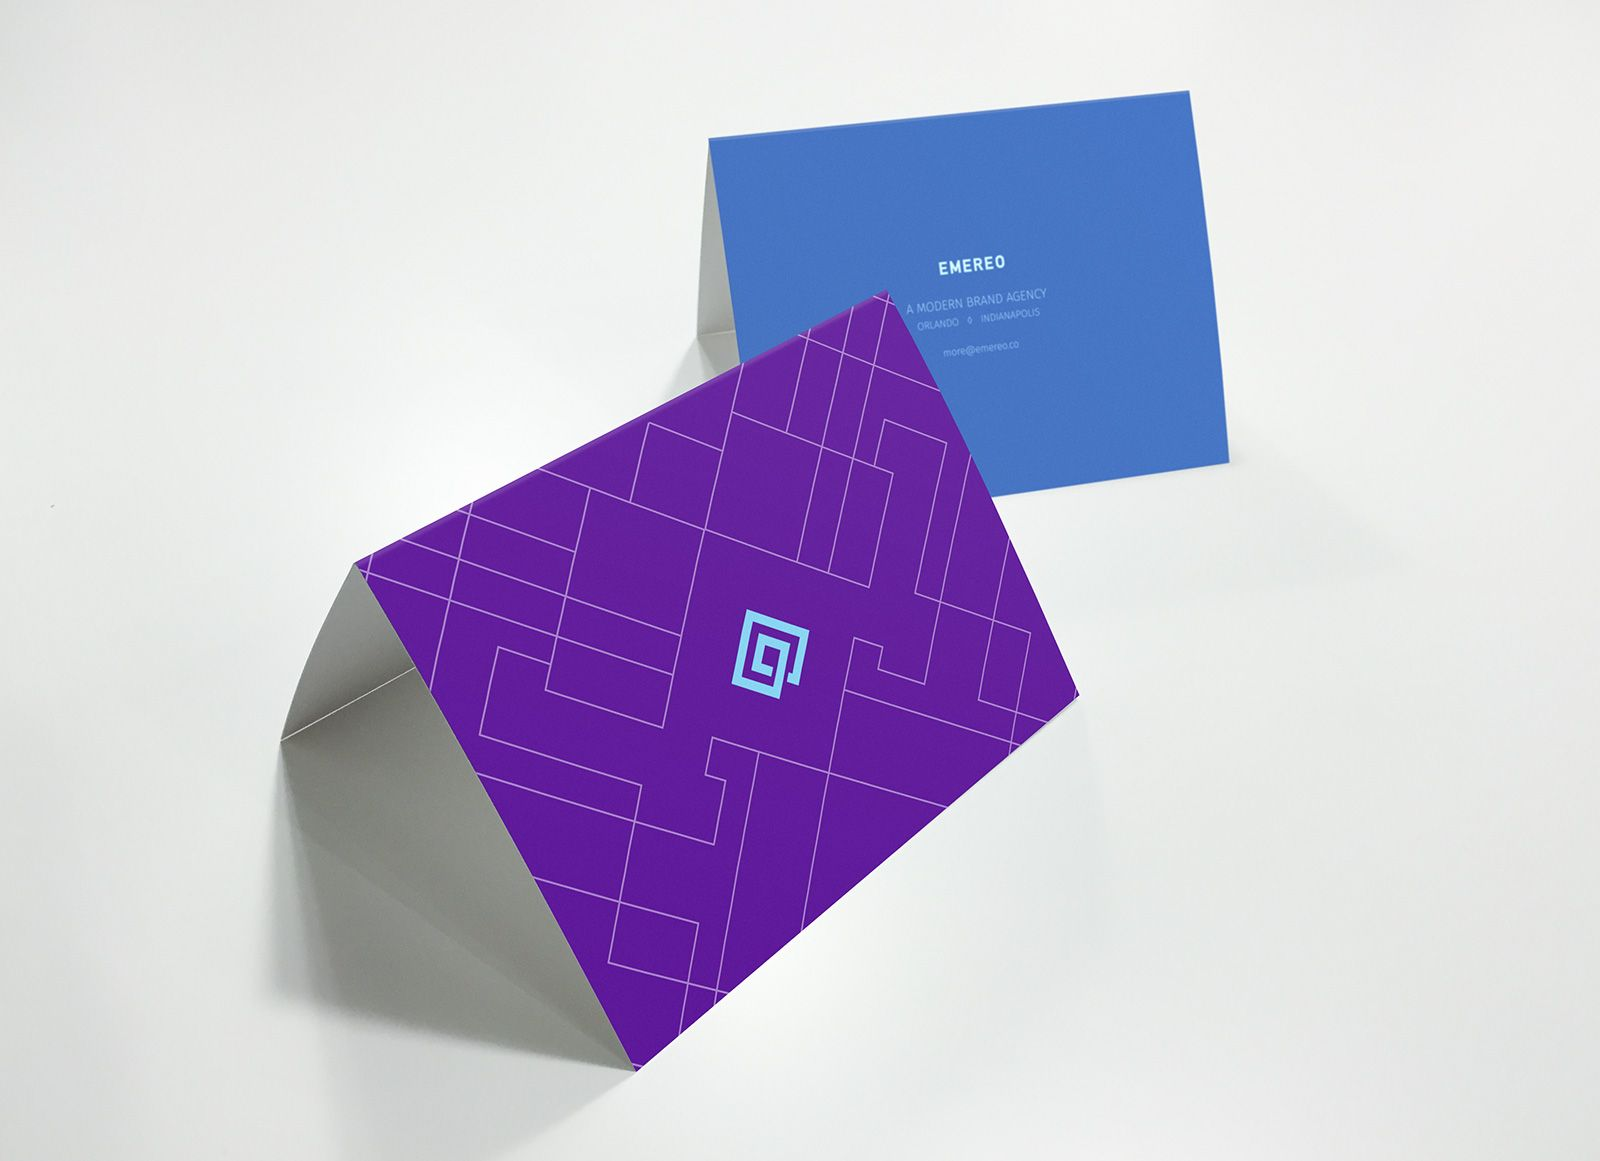 Free greeting card mockup psd mockups pinterest mockup free greeting card mockup psd m4hsunfo